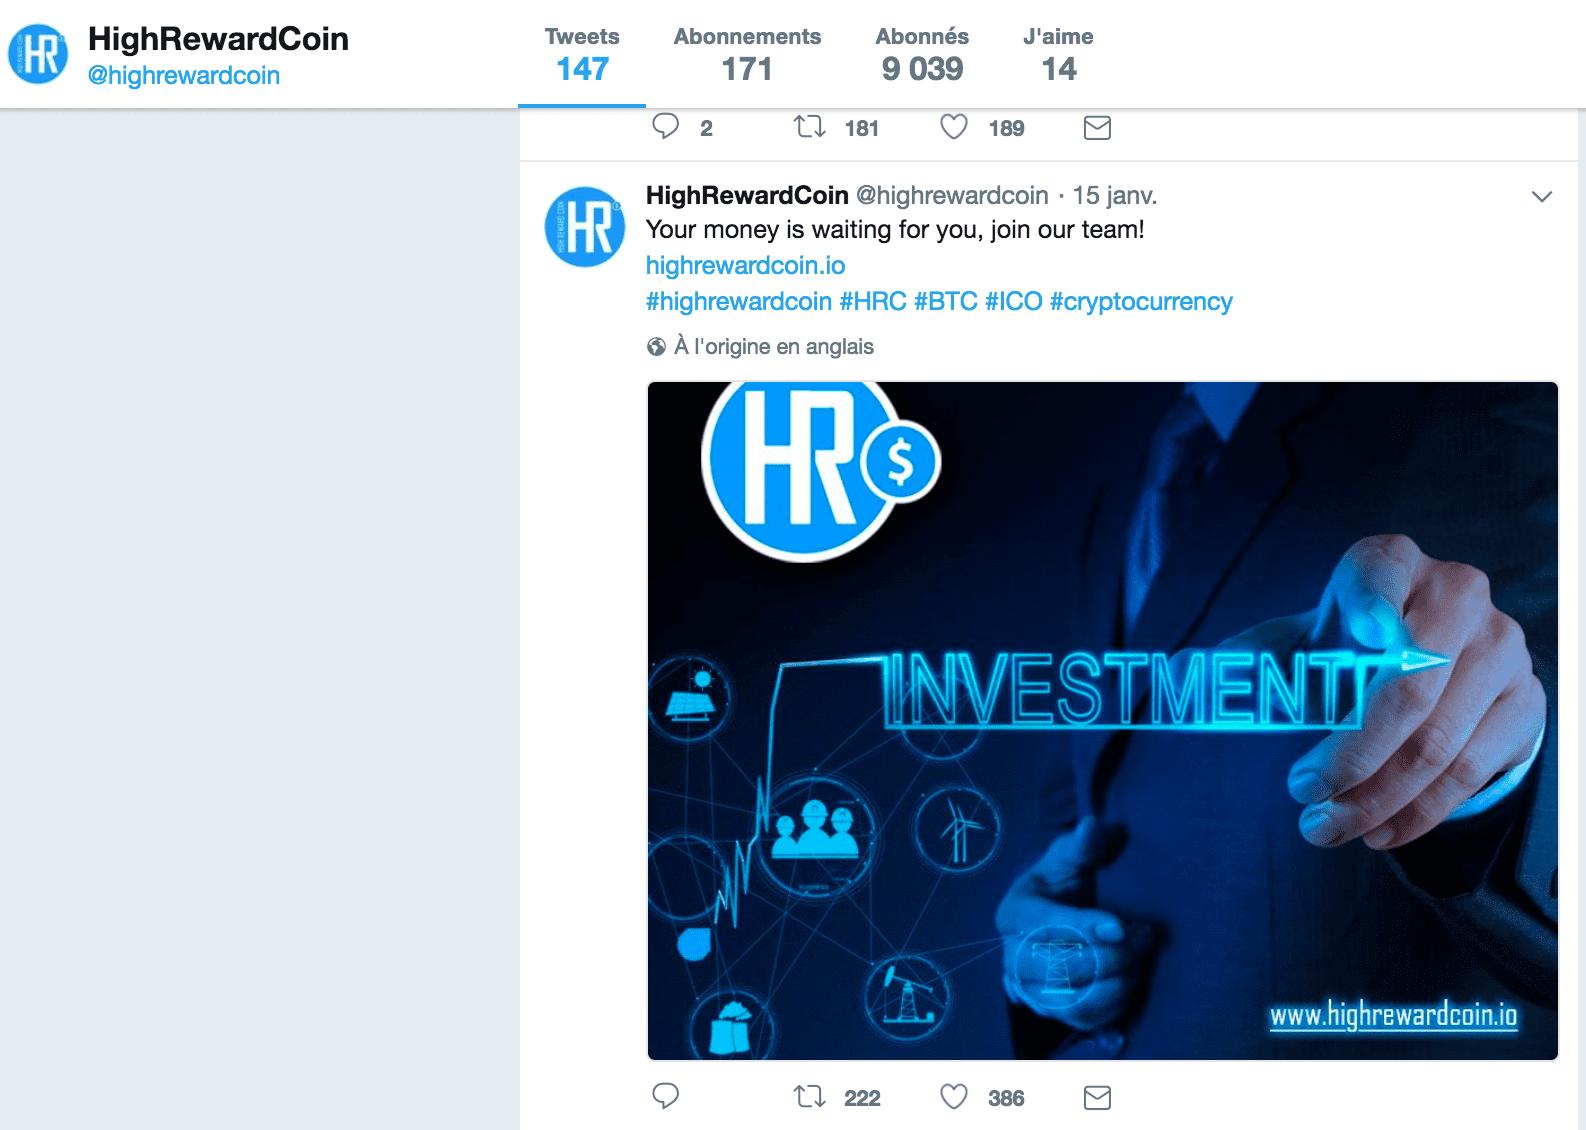 Etude Kernix Twitter : Les cryptomonnaies - Exemple de tweet par HighRewardCoin